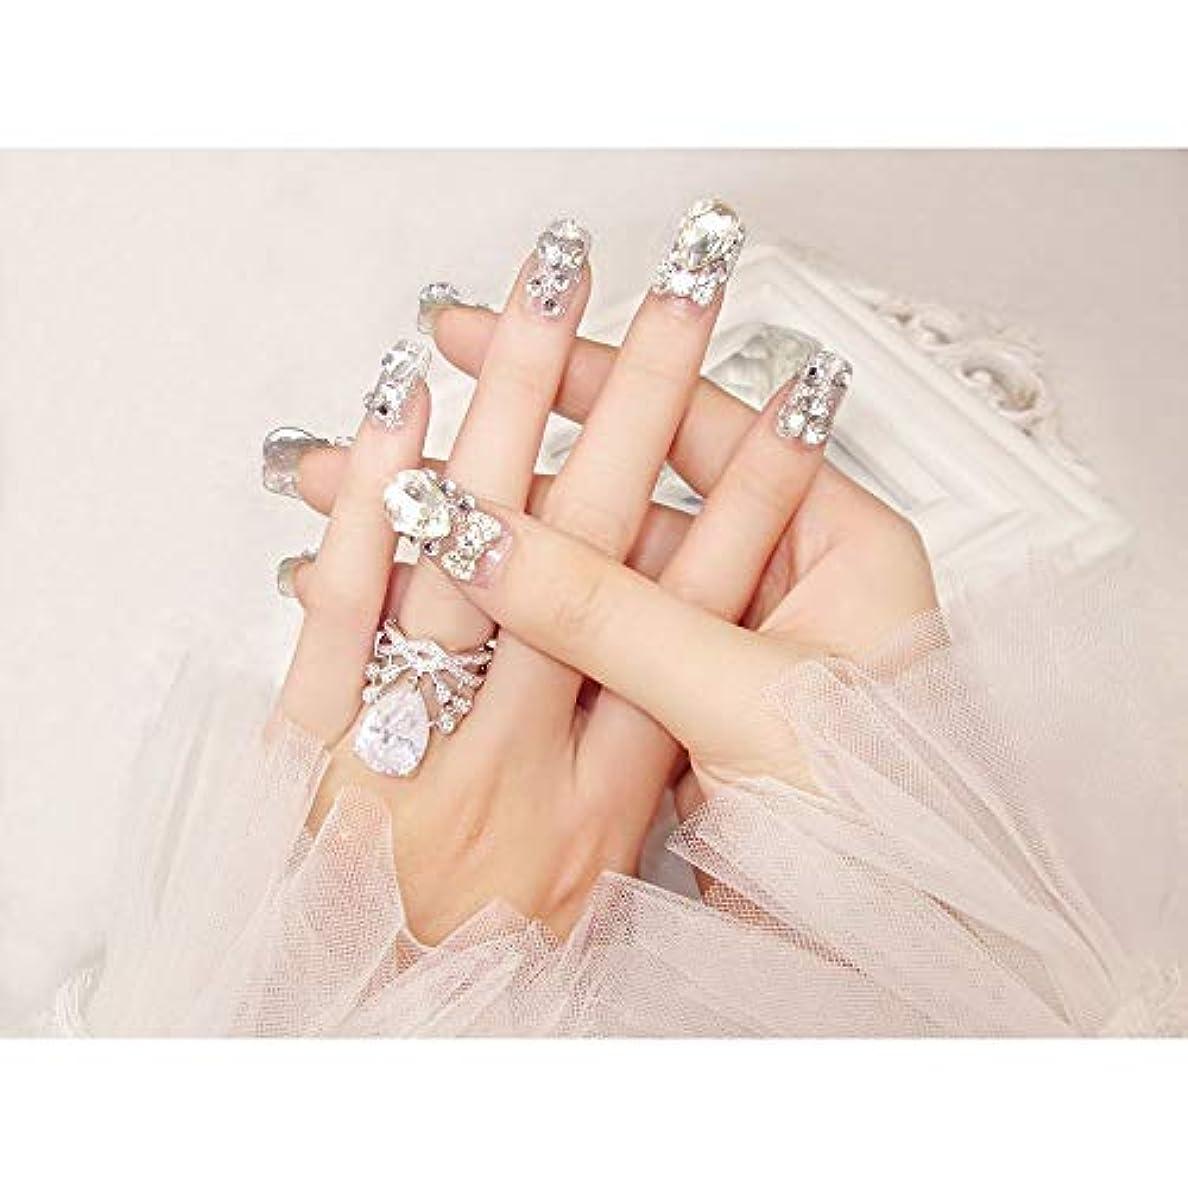 農学お金ゴム観客TAALESET 完成した偽の釘24ピース箱入り花嫁シャイニー偽の爪の宝石ダイヤモンドの宝石ブライダルネイルステッカー (色 : 24 pieces)